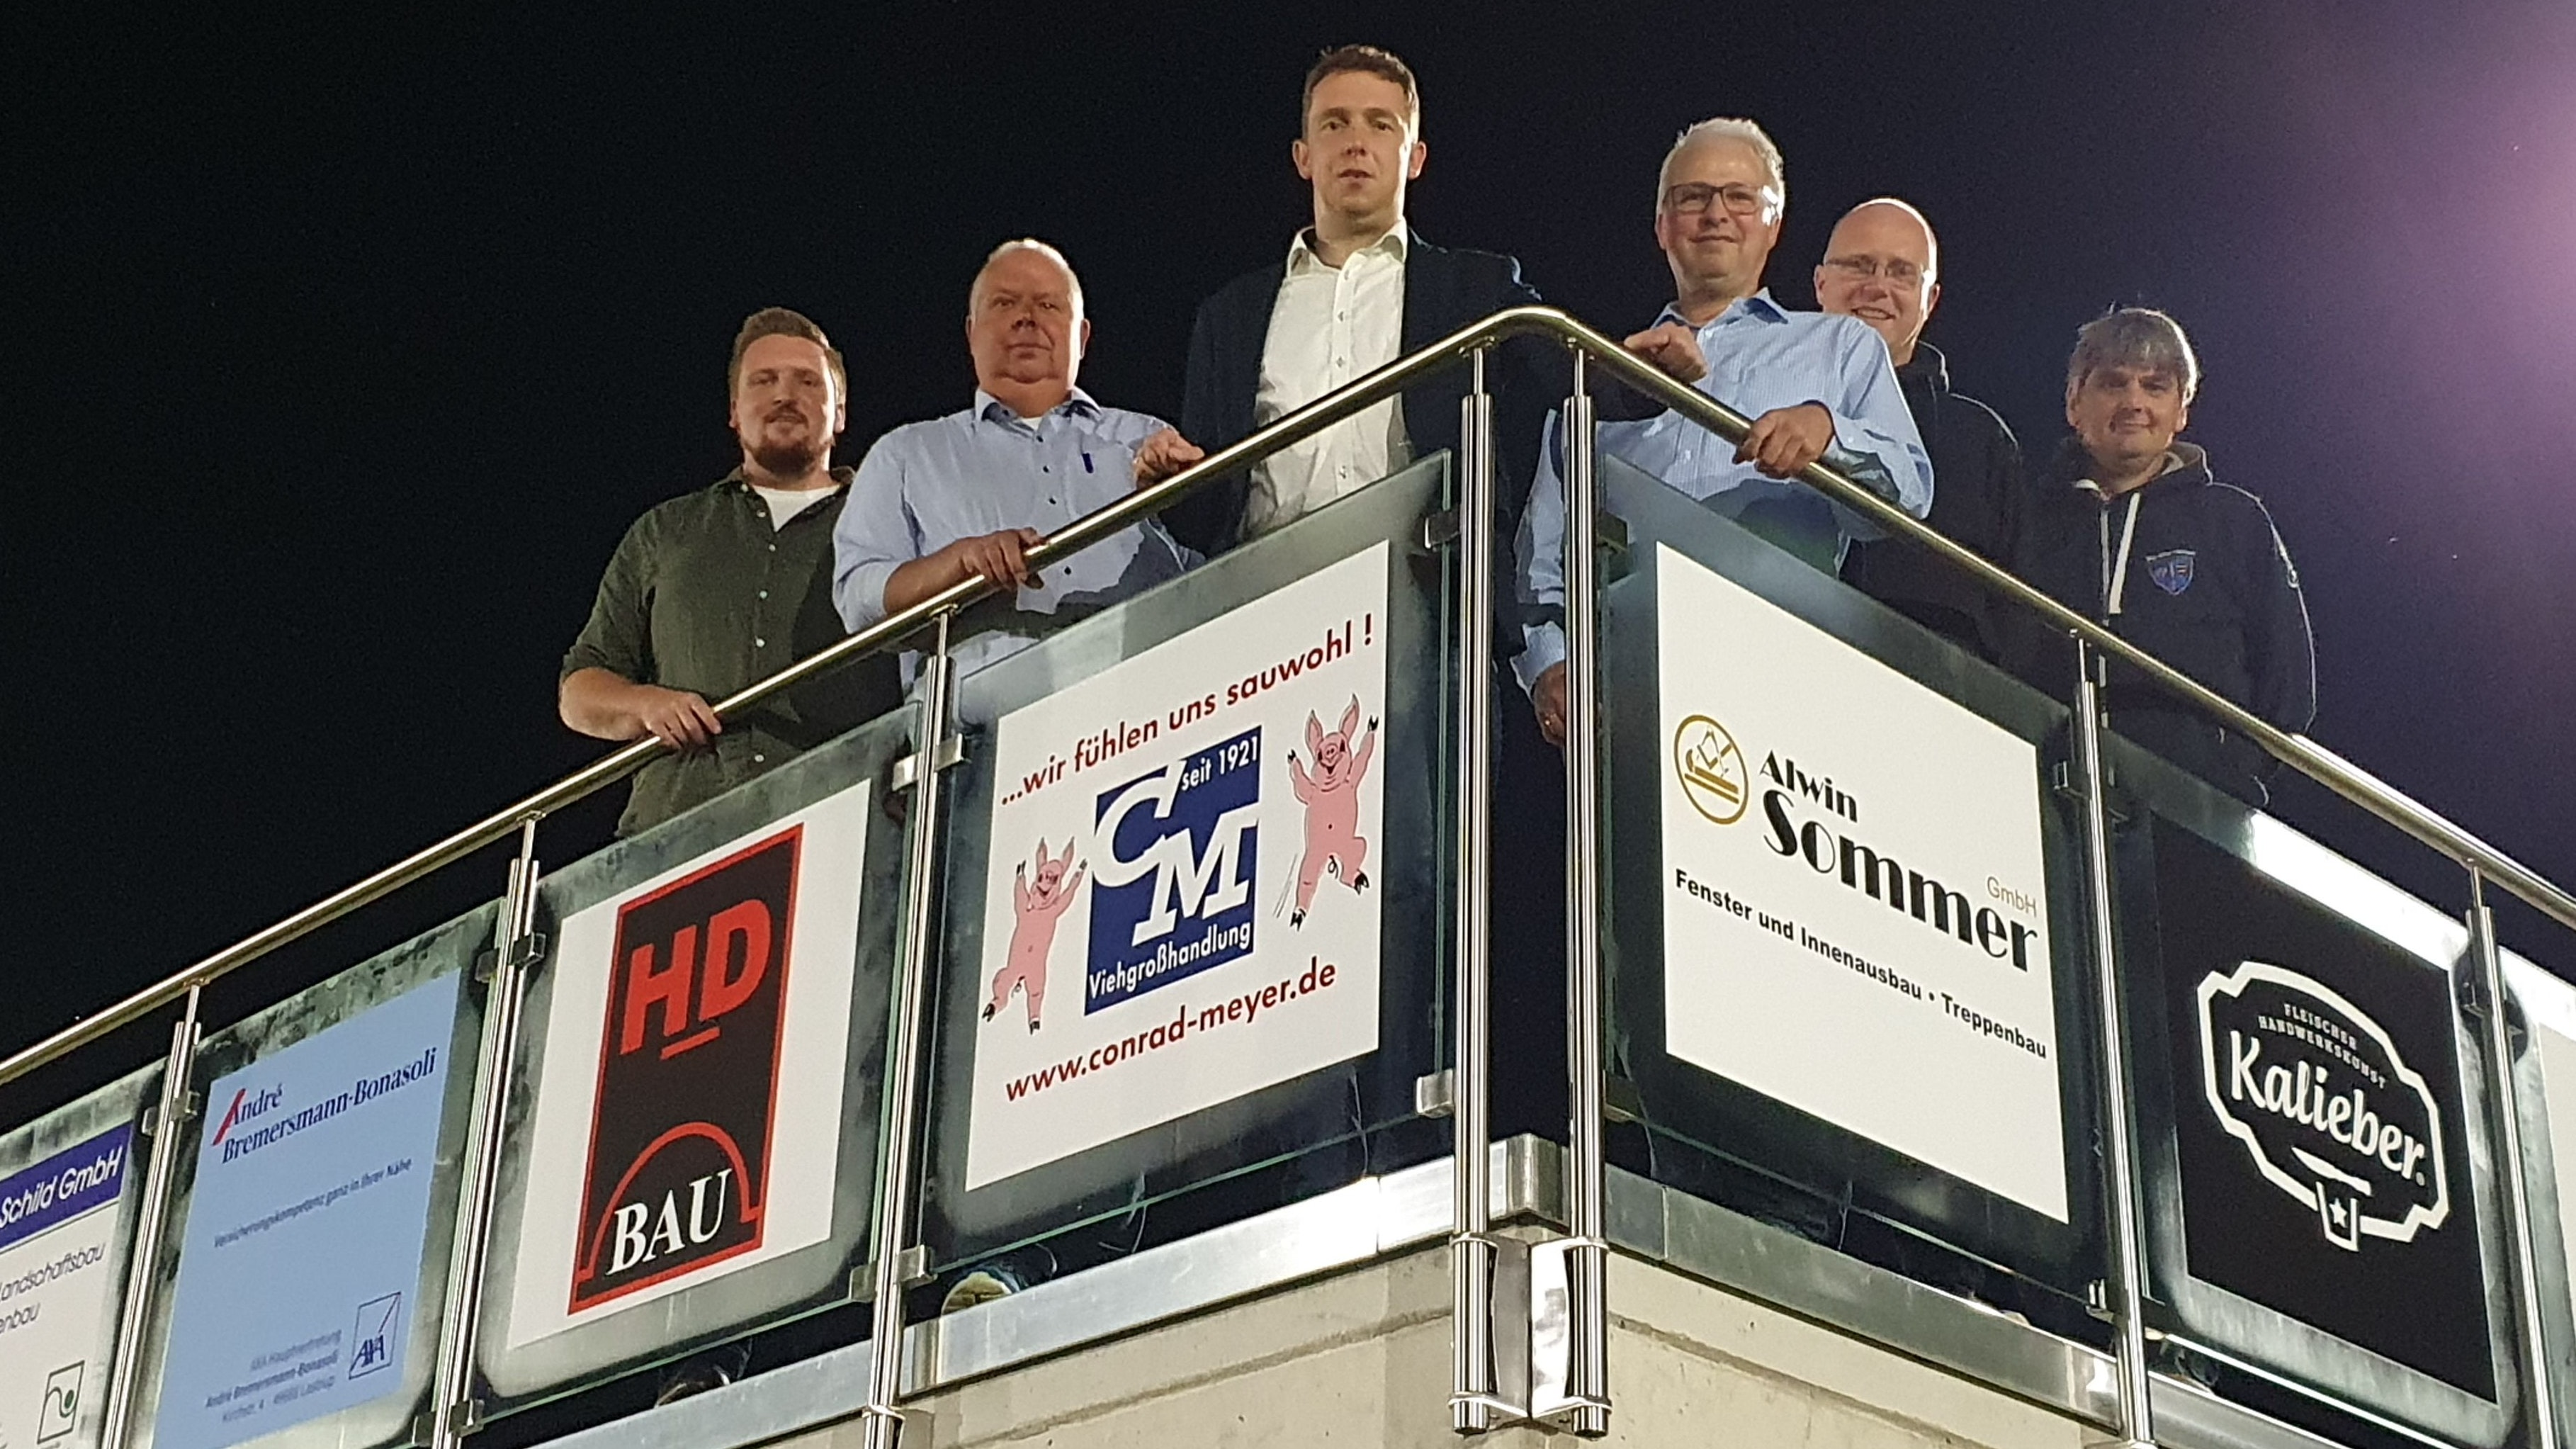 Neu gewählt: Der Vorstand des FC Lastrup mit (von links) Jannek Braun, Conrad Meyer, Klaus Schmunkamp, Detlev Lamping, Wolfgang Lampe und Wolfgang Wienken. Foto: Verein